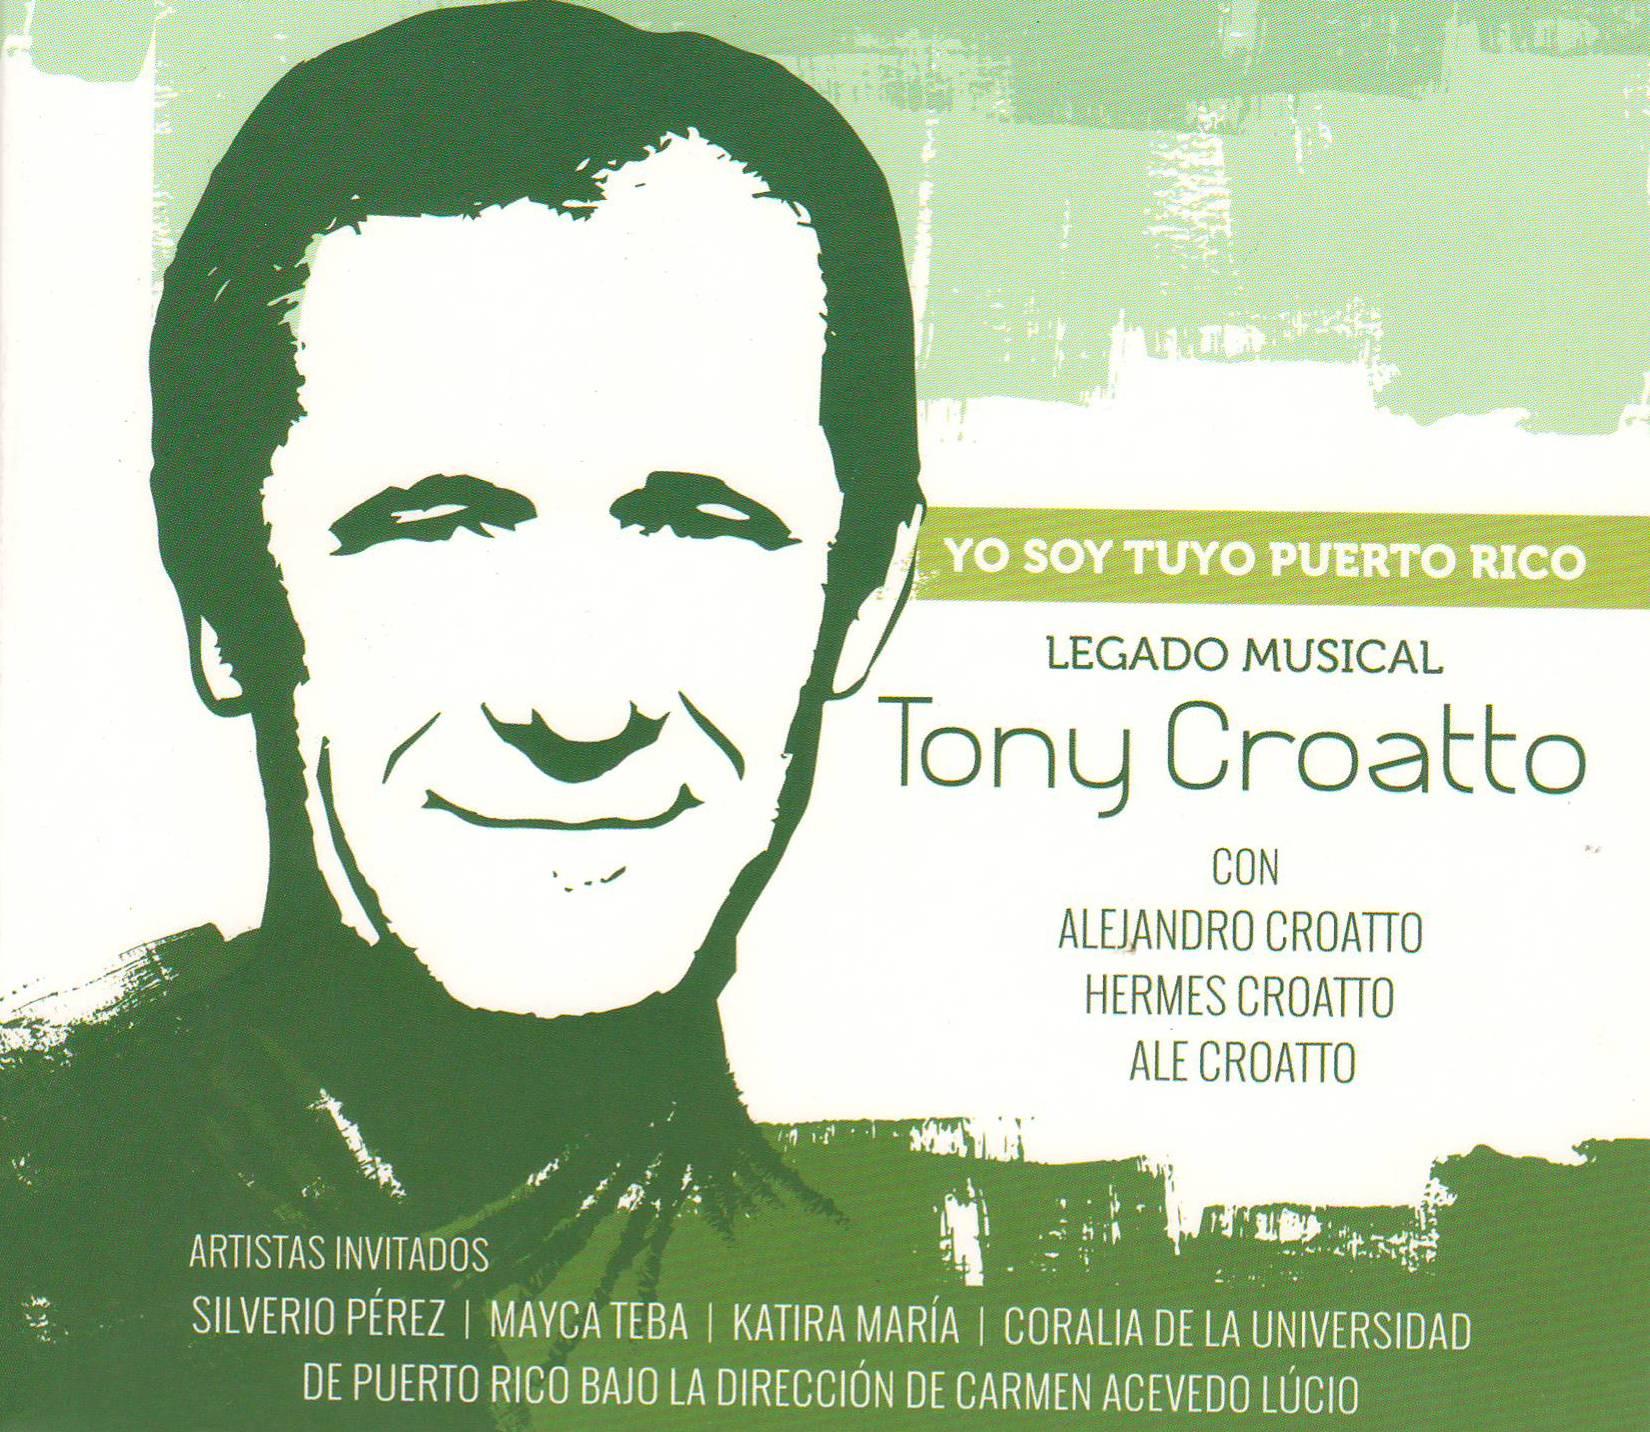 ale, alejandro y hermes croatto - 2015 - legado tony croatto